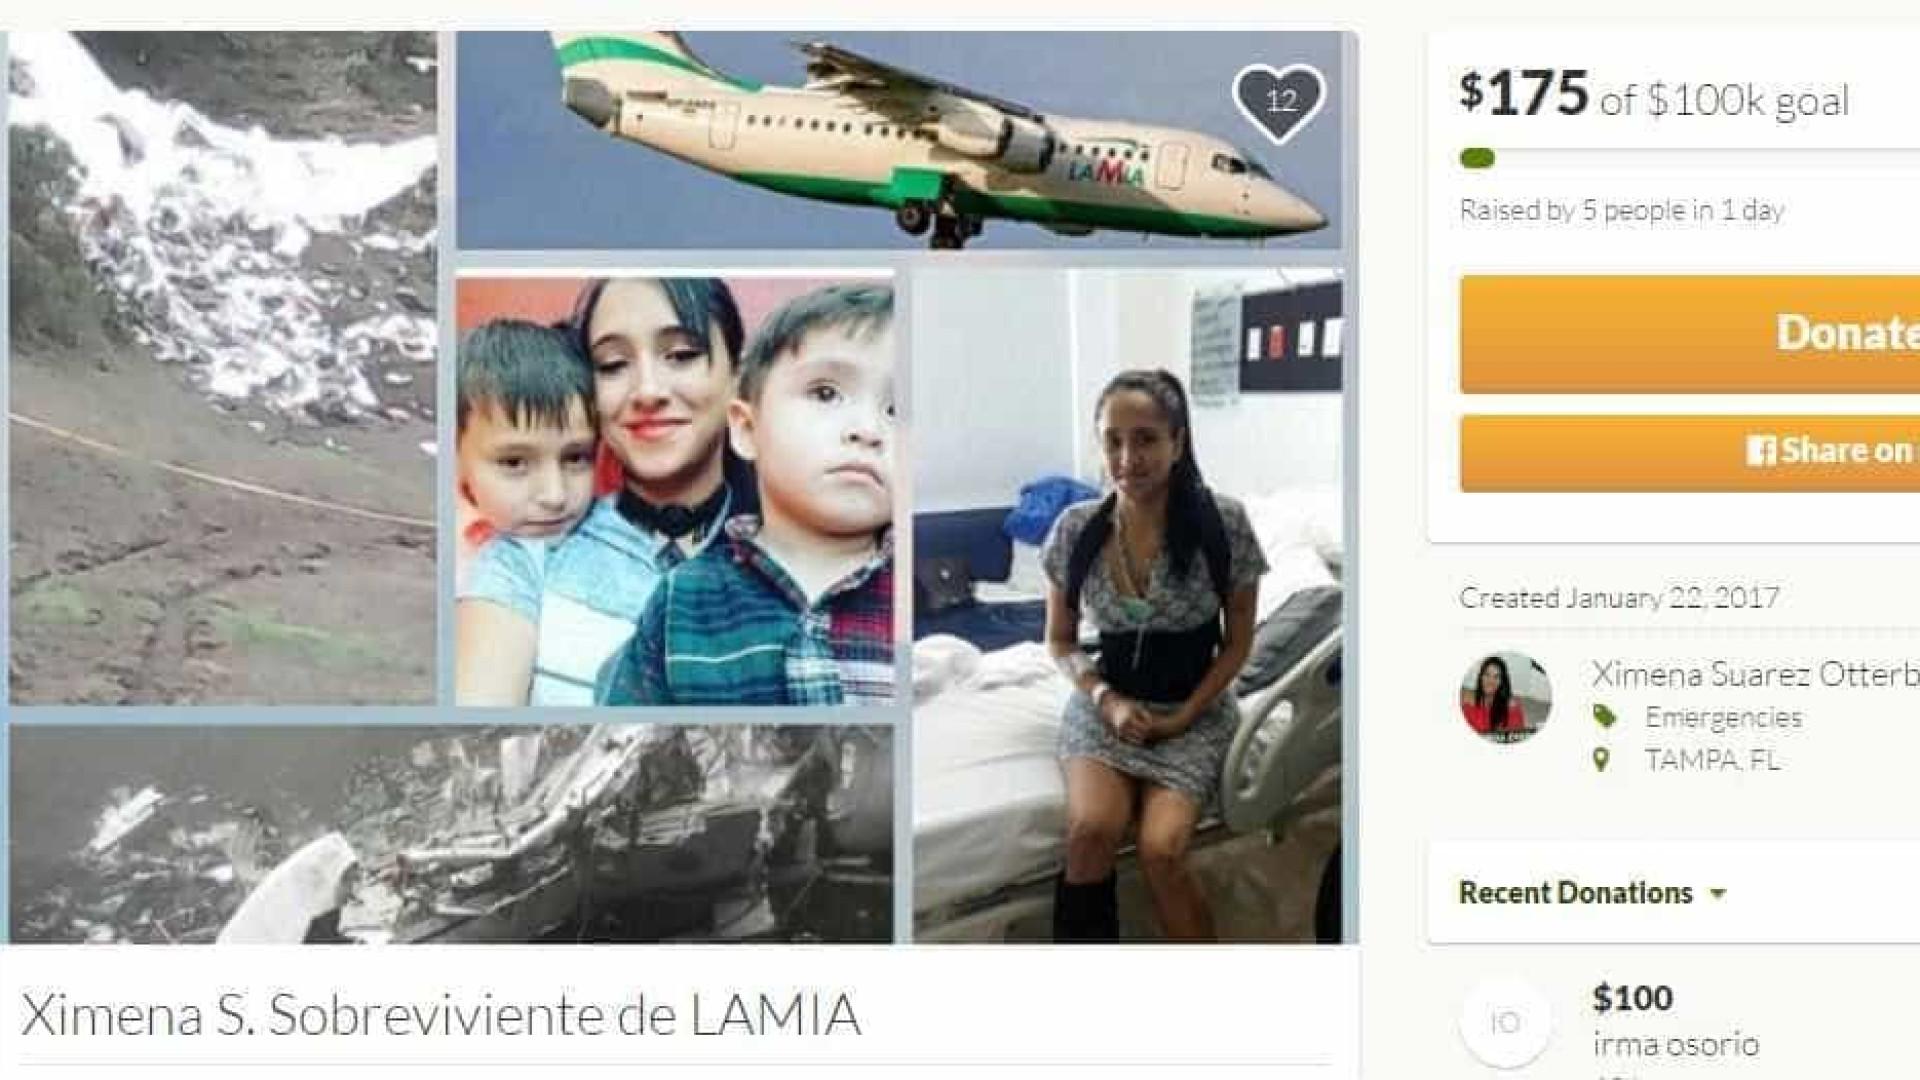 Comissária da LaMia pede ajuda de US$ 100 mil na internet